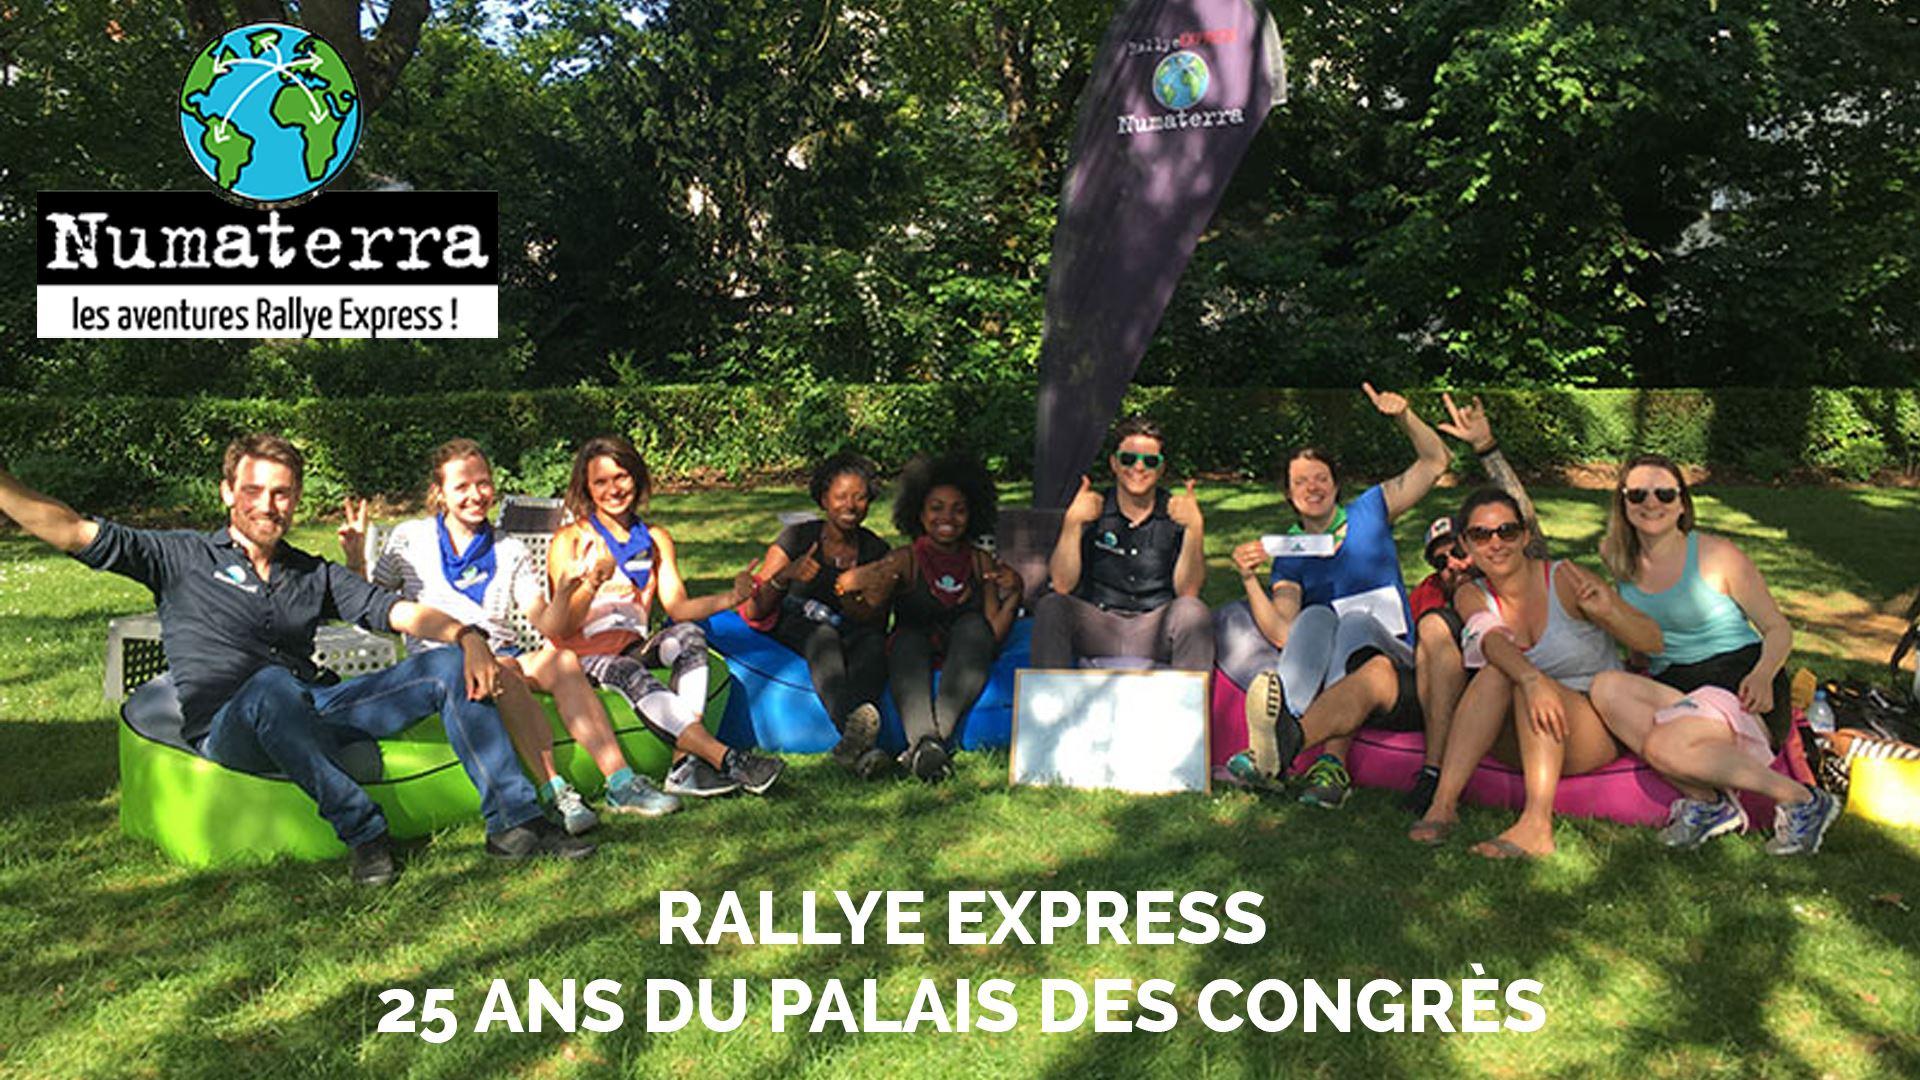 RALLYE EXPRESS TOURS - EDITION SPECIALE LES 25 ANS DU PALAIS DES CONGRES VINCI LE 15 SEPTEMBRE